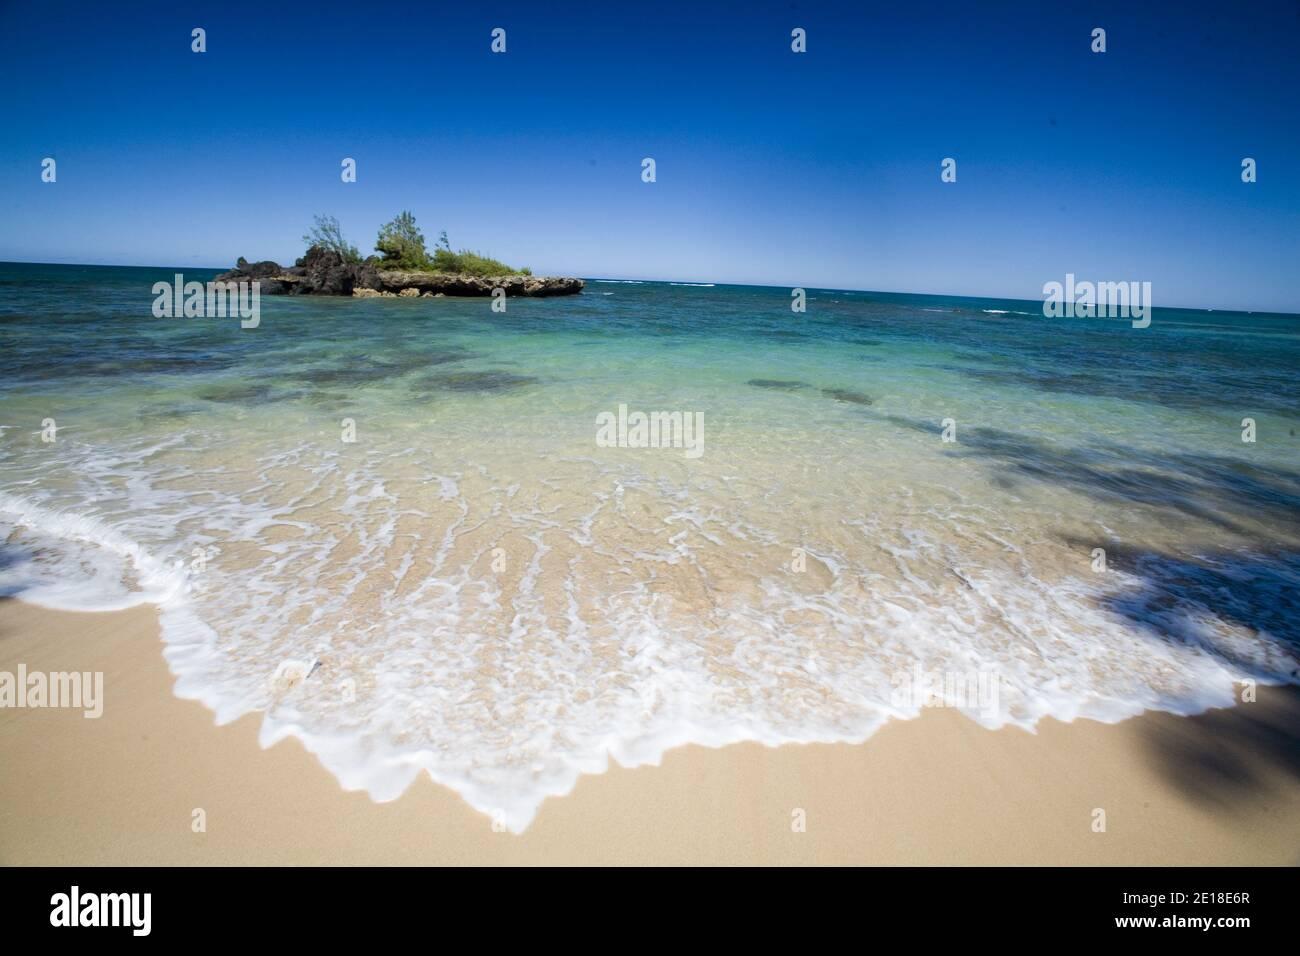 Escena de playa en una playa desierta de la costa norte con un pequeña isla costera en aguas azules claras Foto de stock